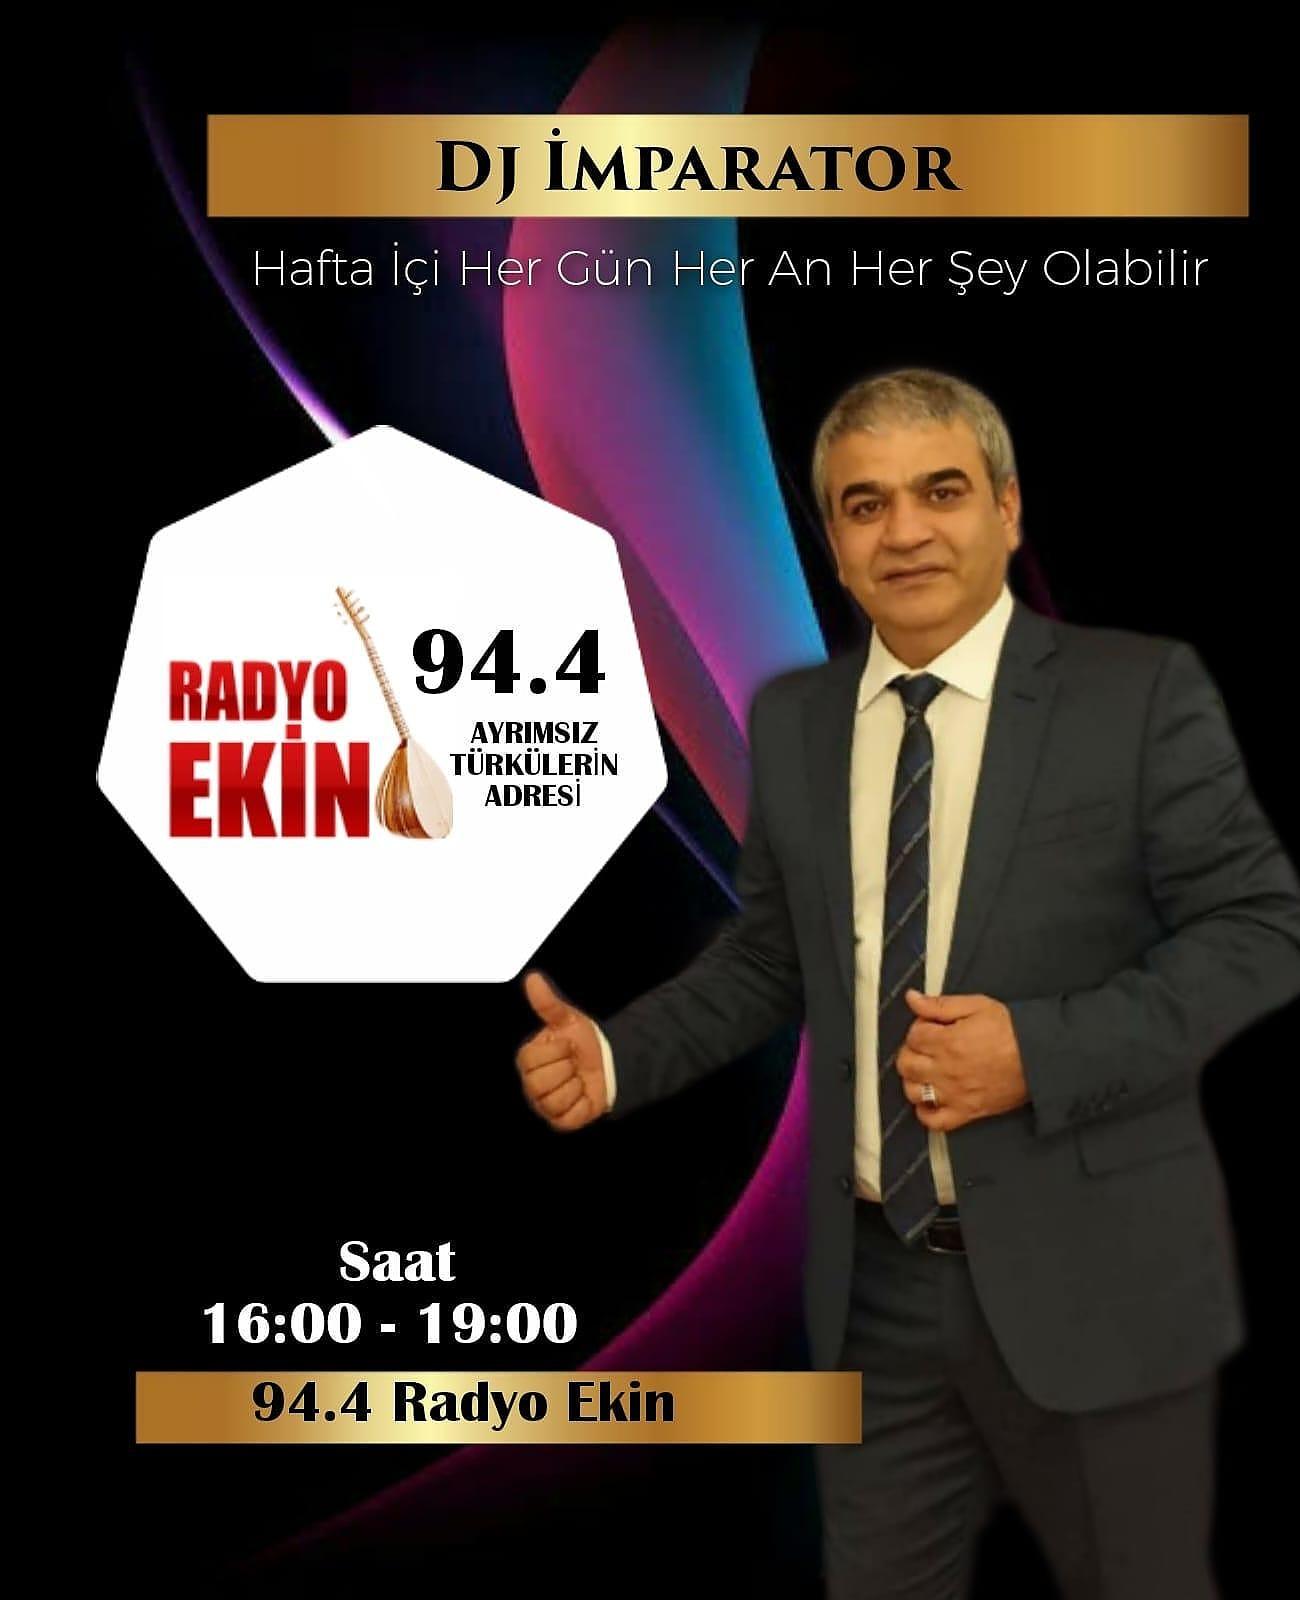 Efsane geri döndü, DJ imparator 94.4 Radyo Ekin'de hayranlarıyla  buluşuyor